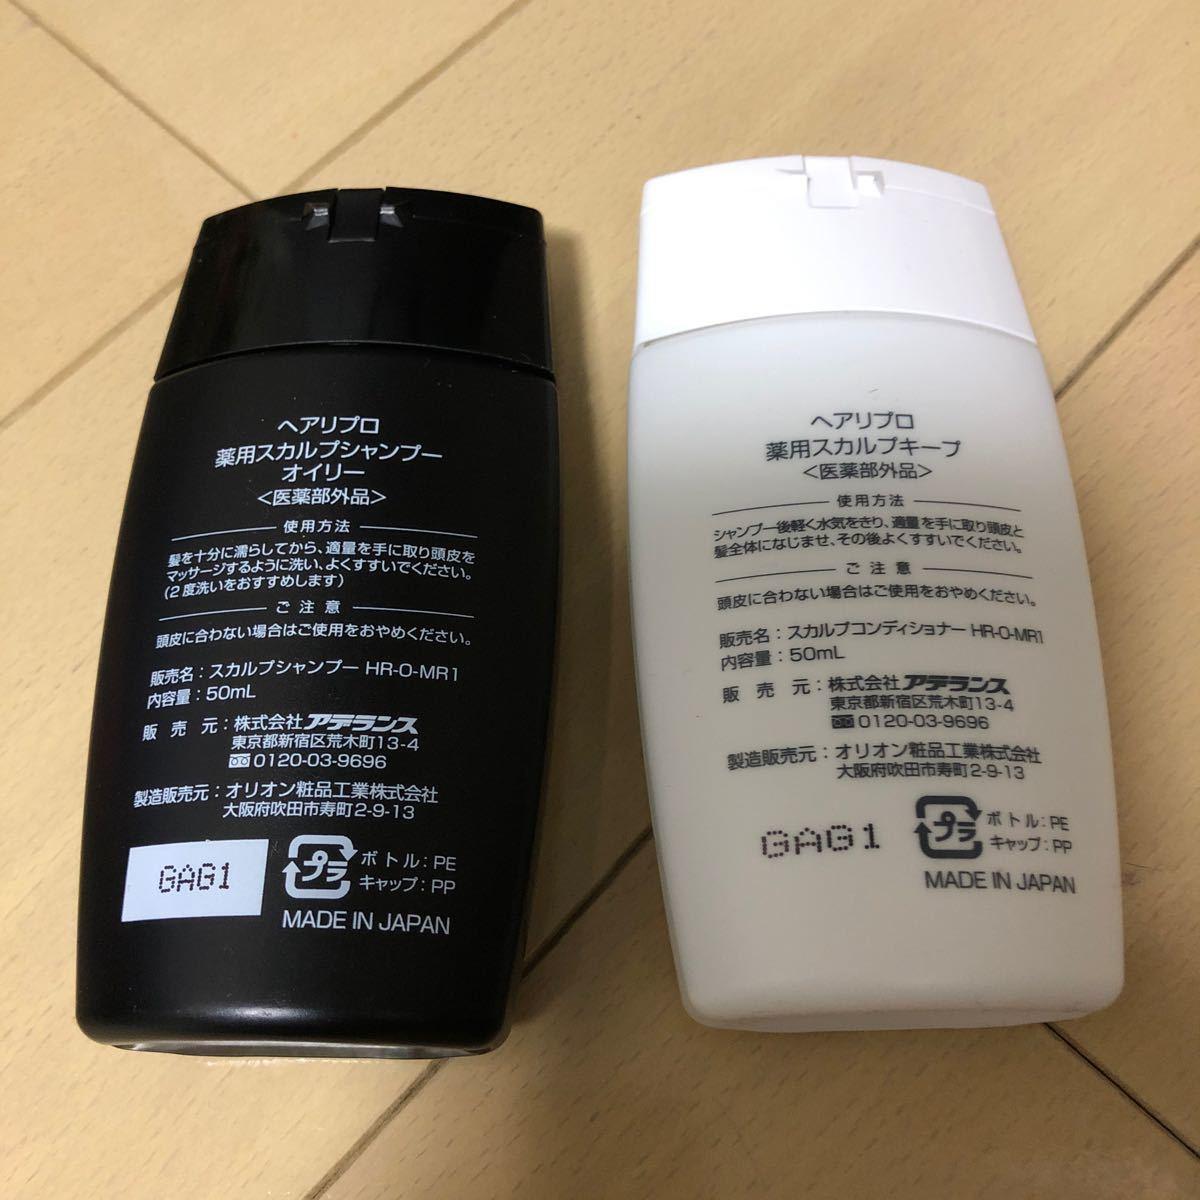 ニューモ 薬用育毛剤 医薬部外品     アデランスヘアリプロ     リーブ21 シャンプーとコンディショナー 各40mL